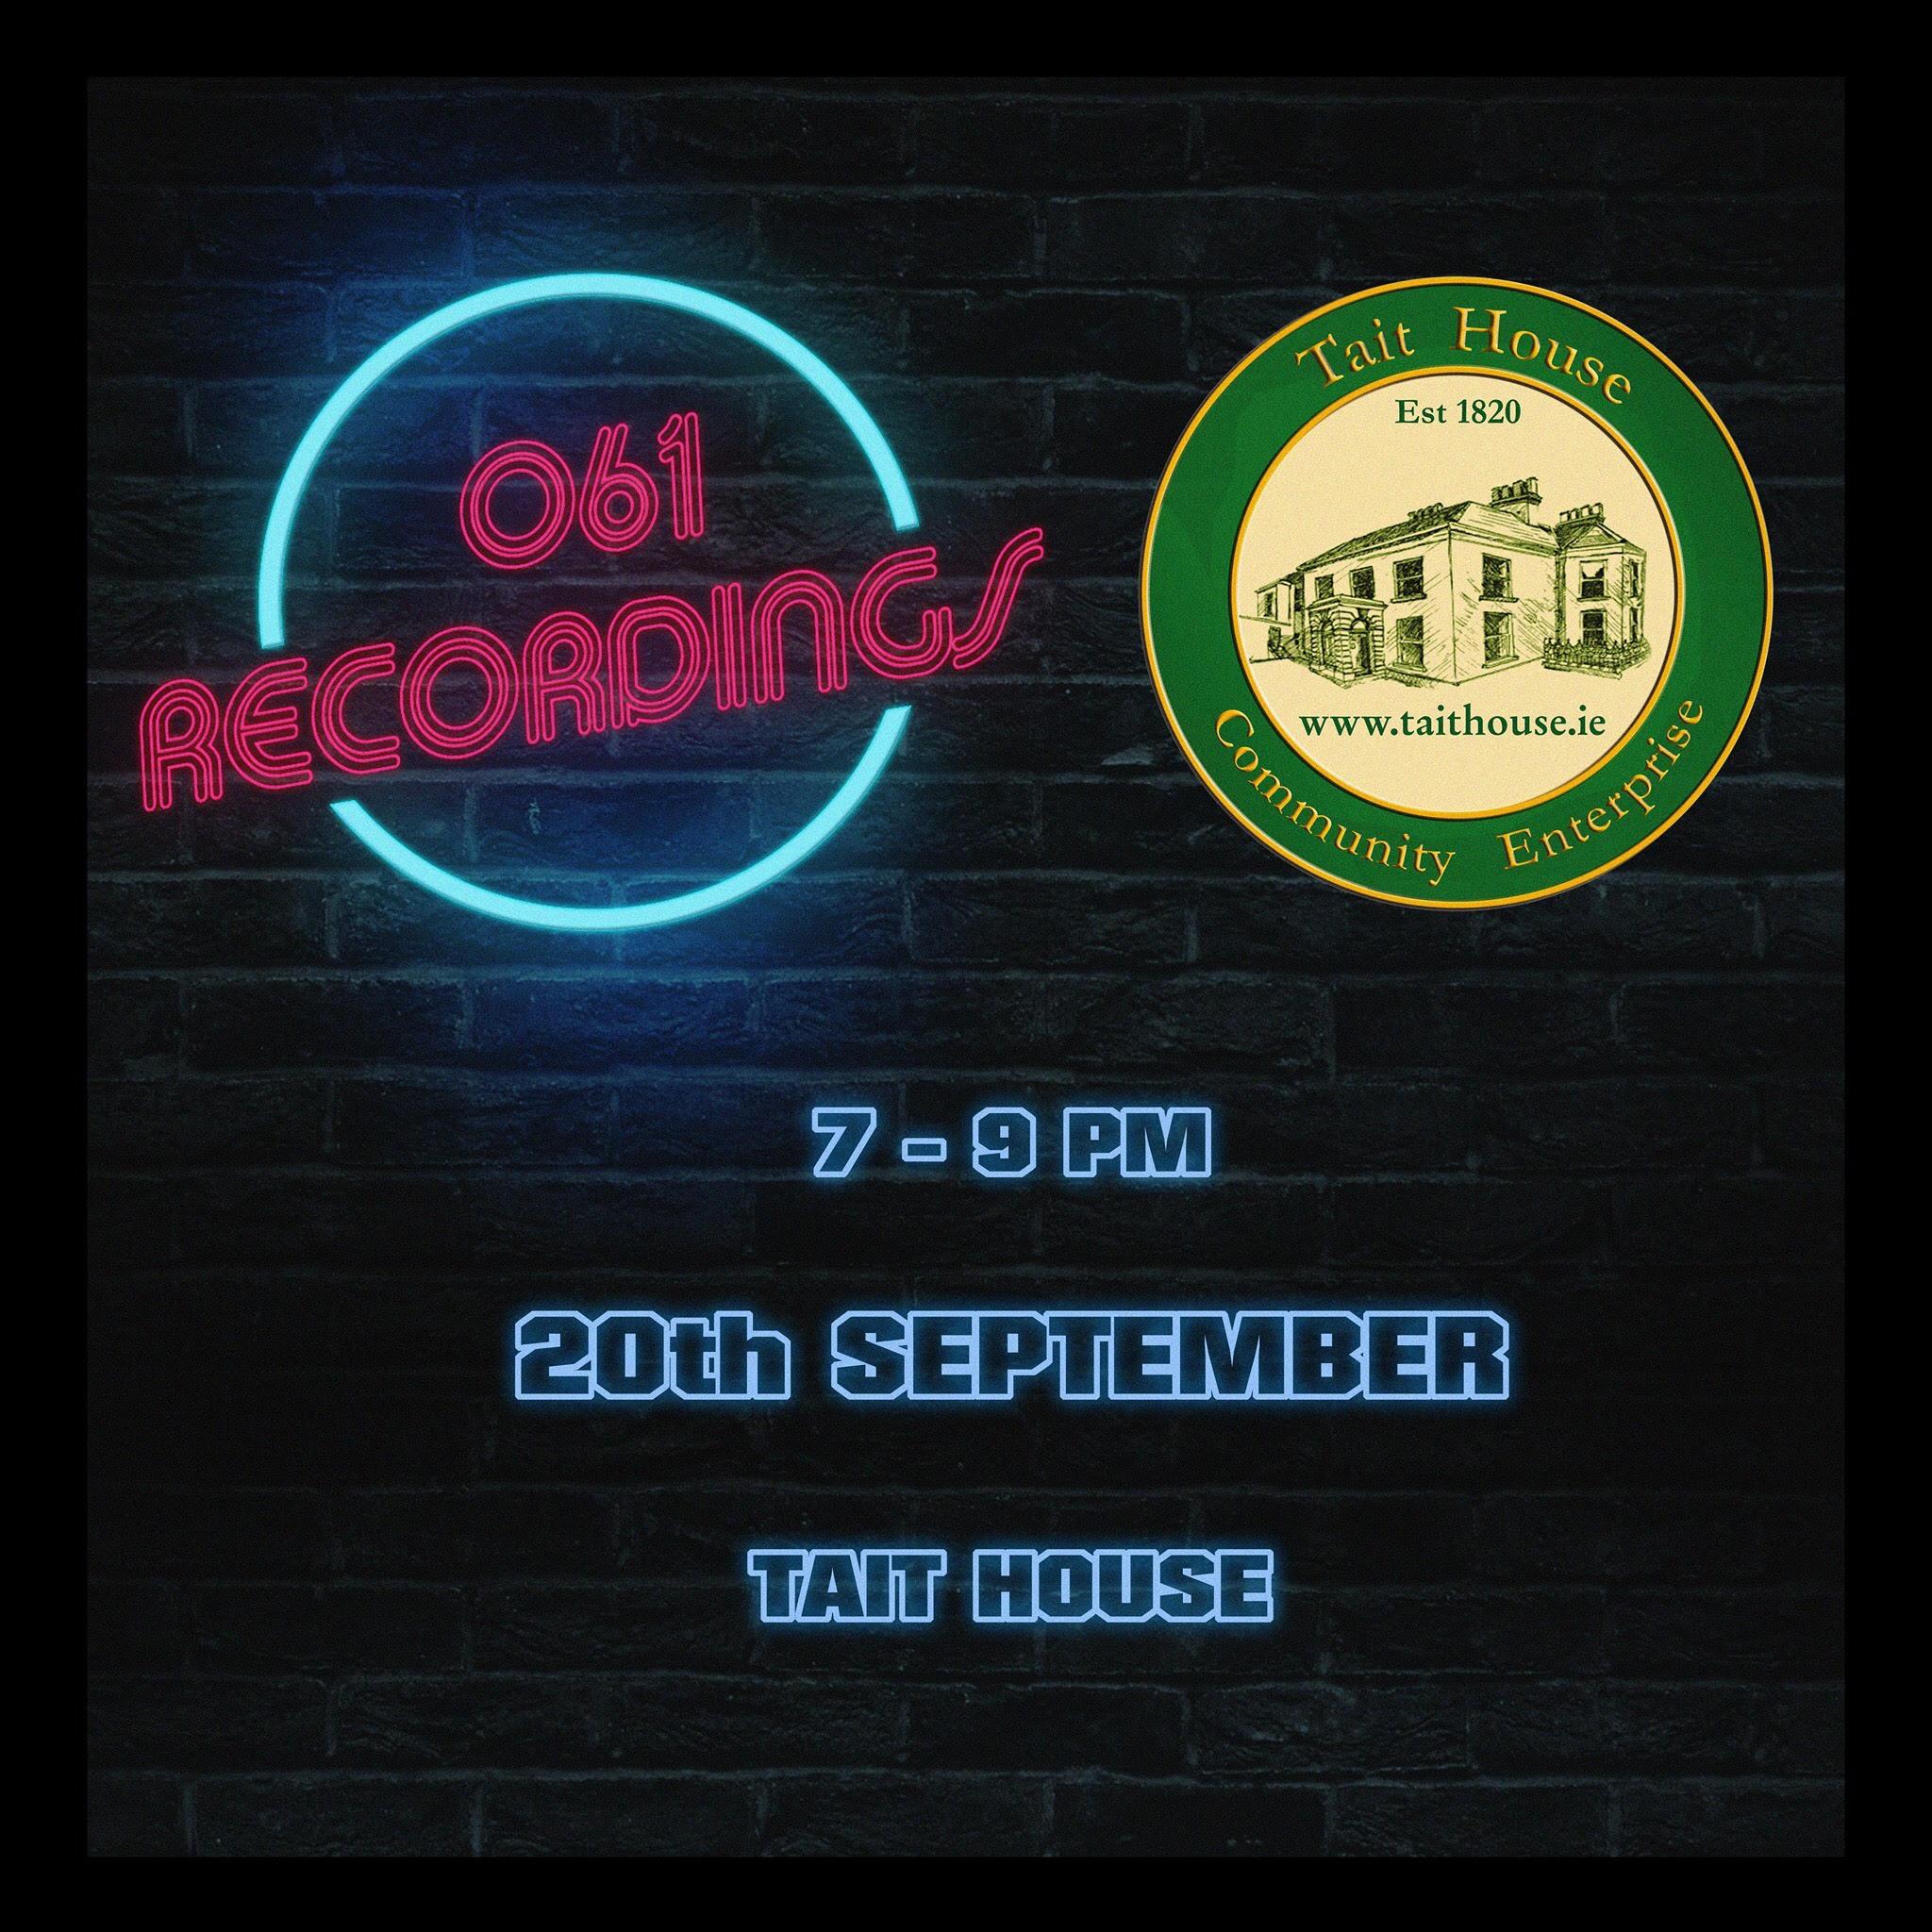 061 Recordings culture concert